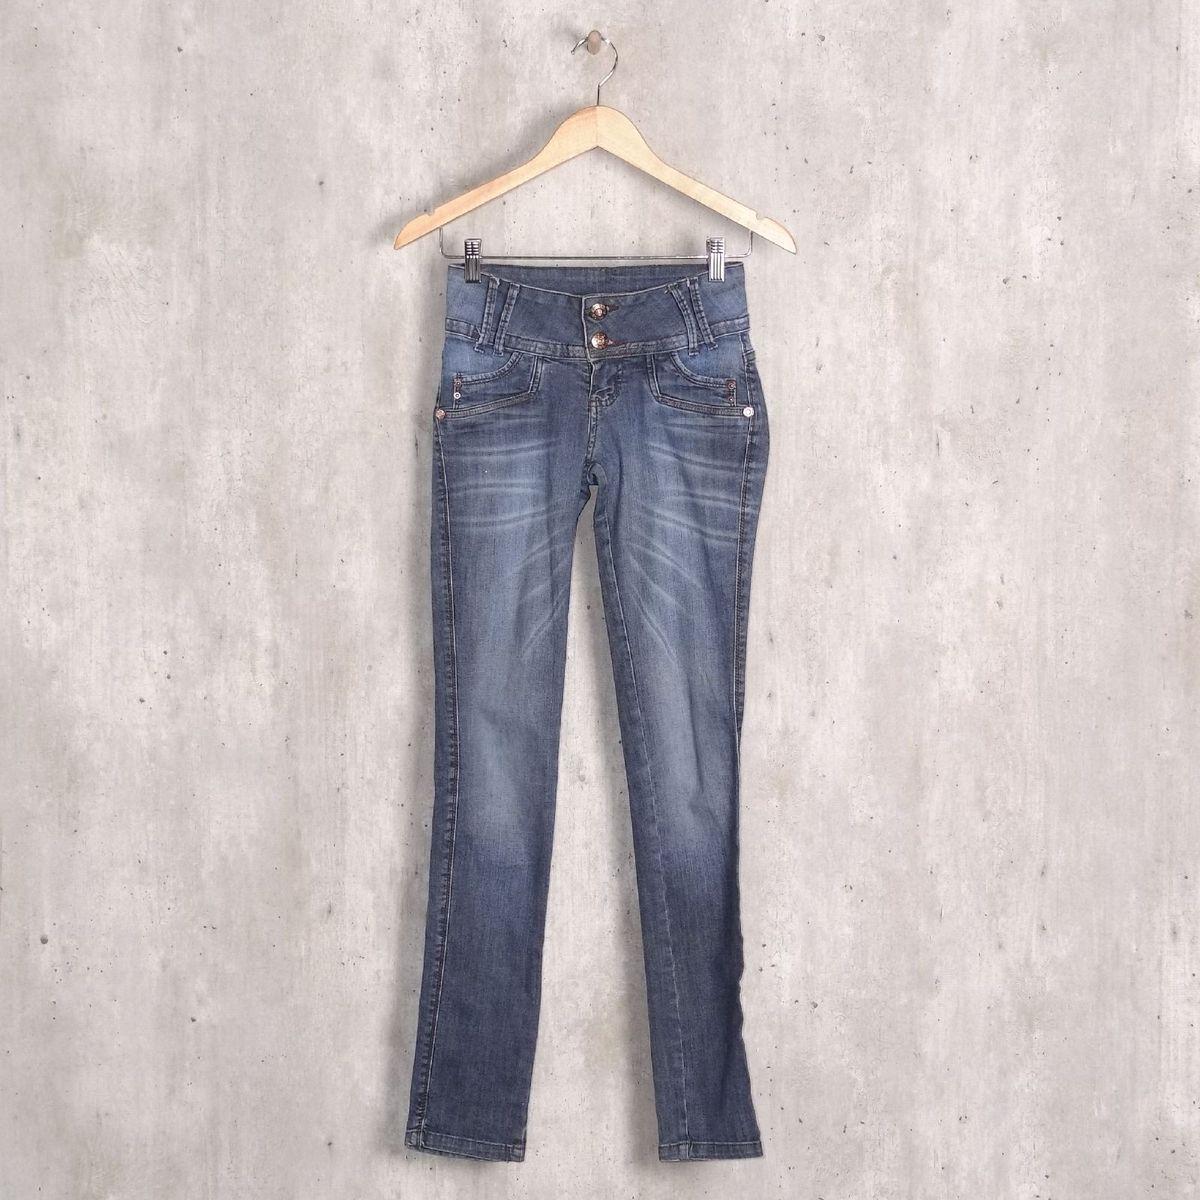 c0ef49c9d Calça Jeans Emporio | Calça Feminina Emporio Usado 33019249 | enjoei